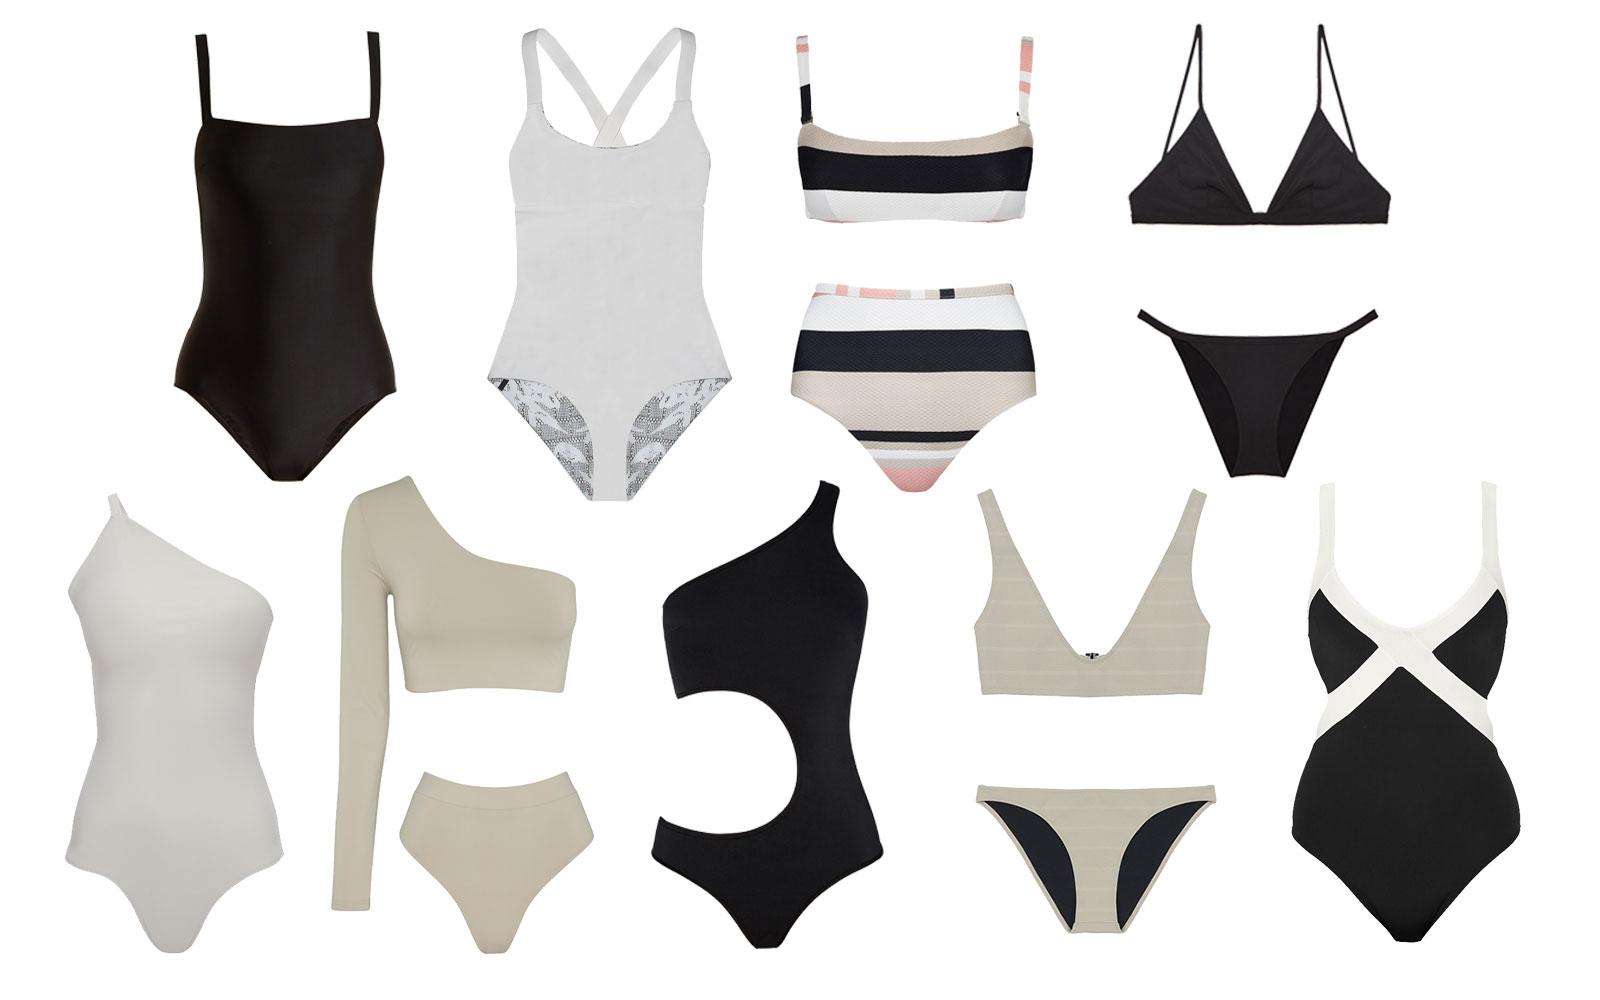 Vintage Kleidung auch am Strand - Retro Badeanzug ist der neue Modetrend